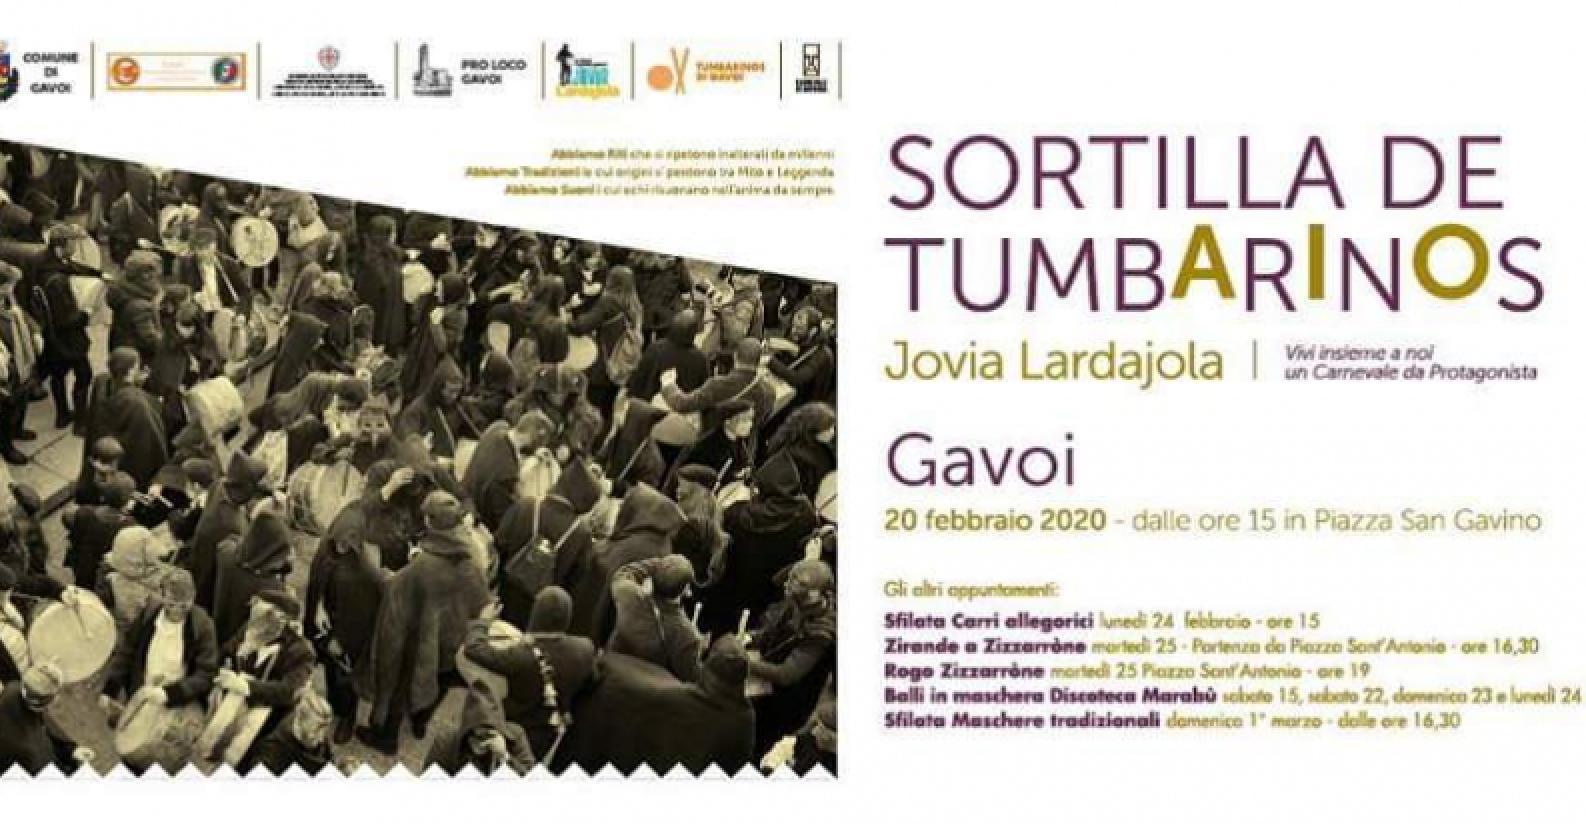 gavoi_sortilla_de_tumbarinos_2020